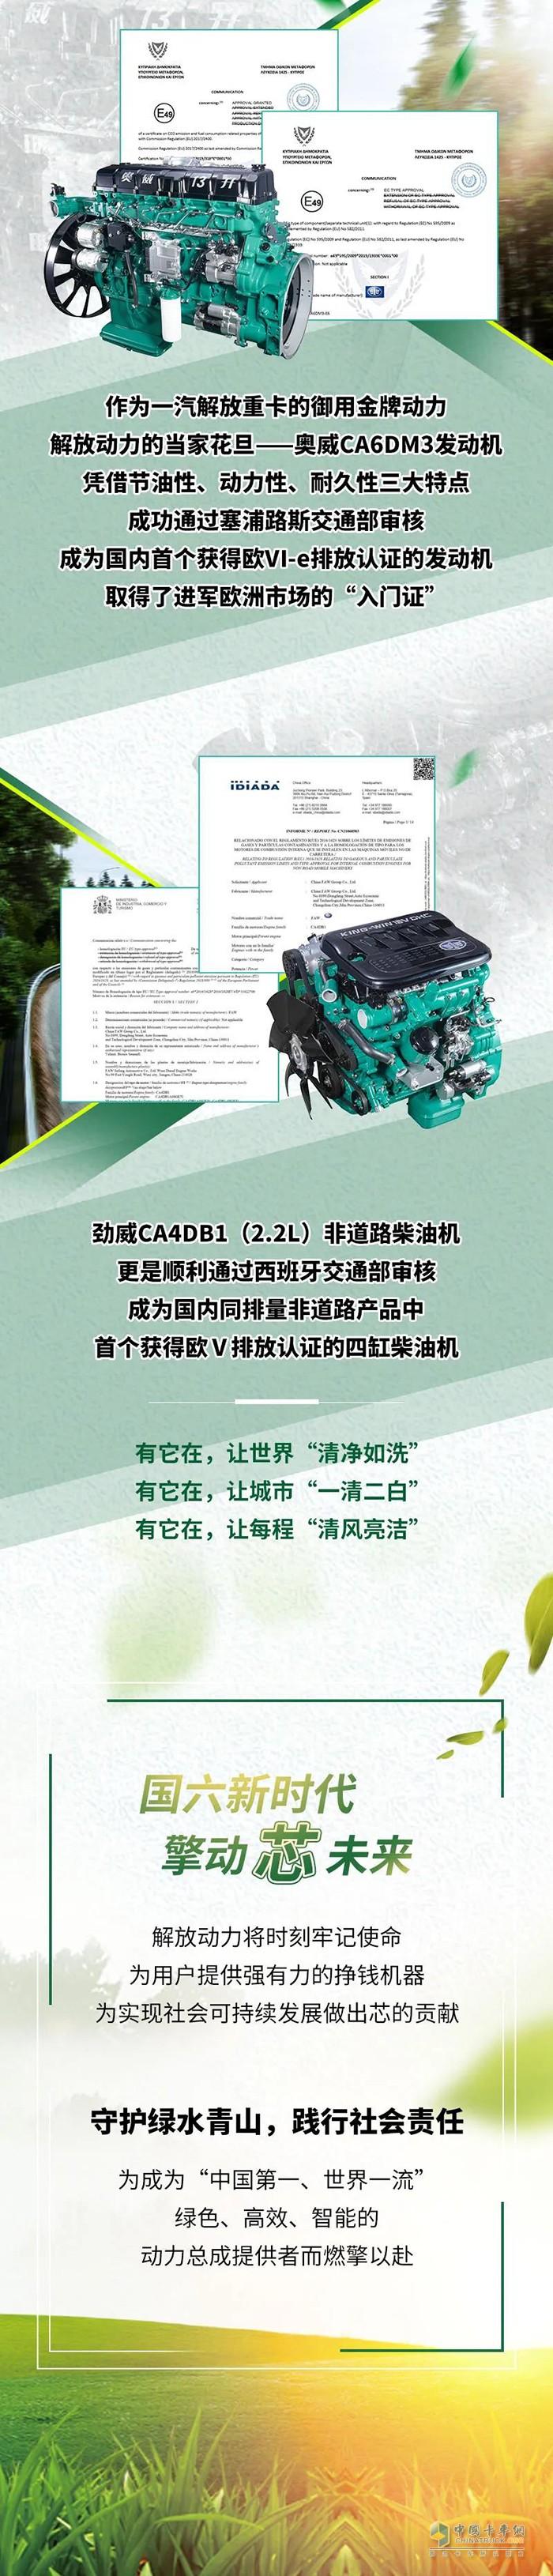 解放动力,奥威CA6DM3,发动机